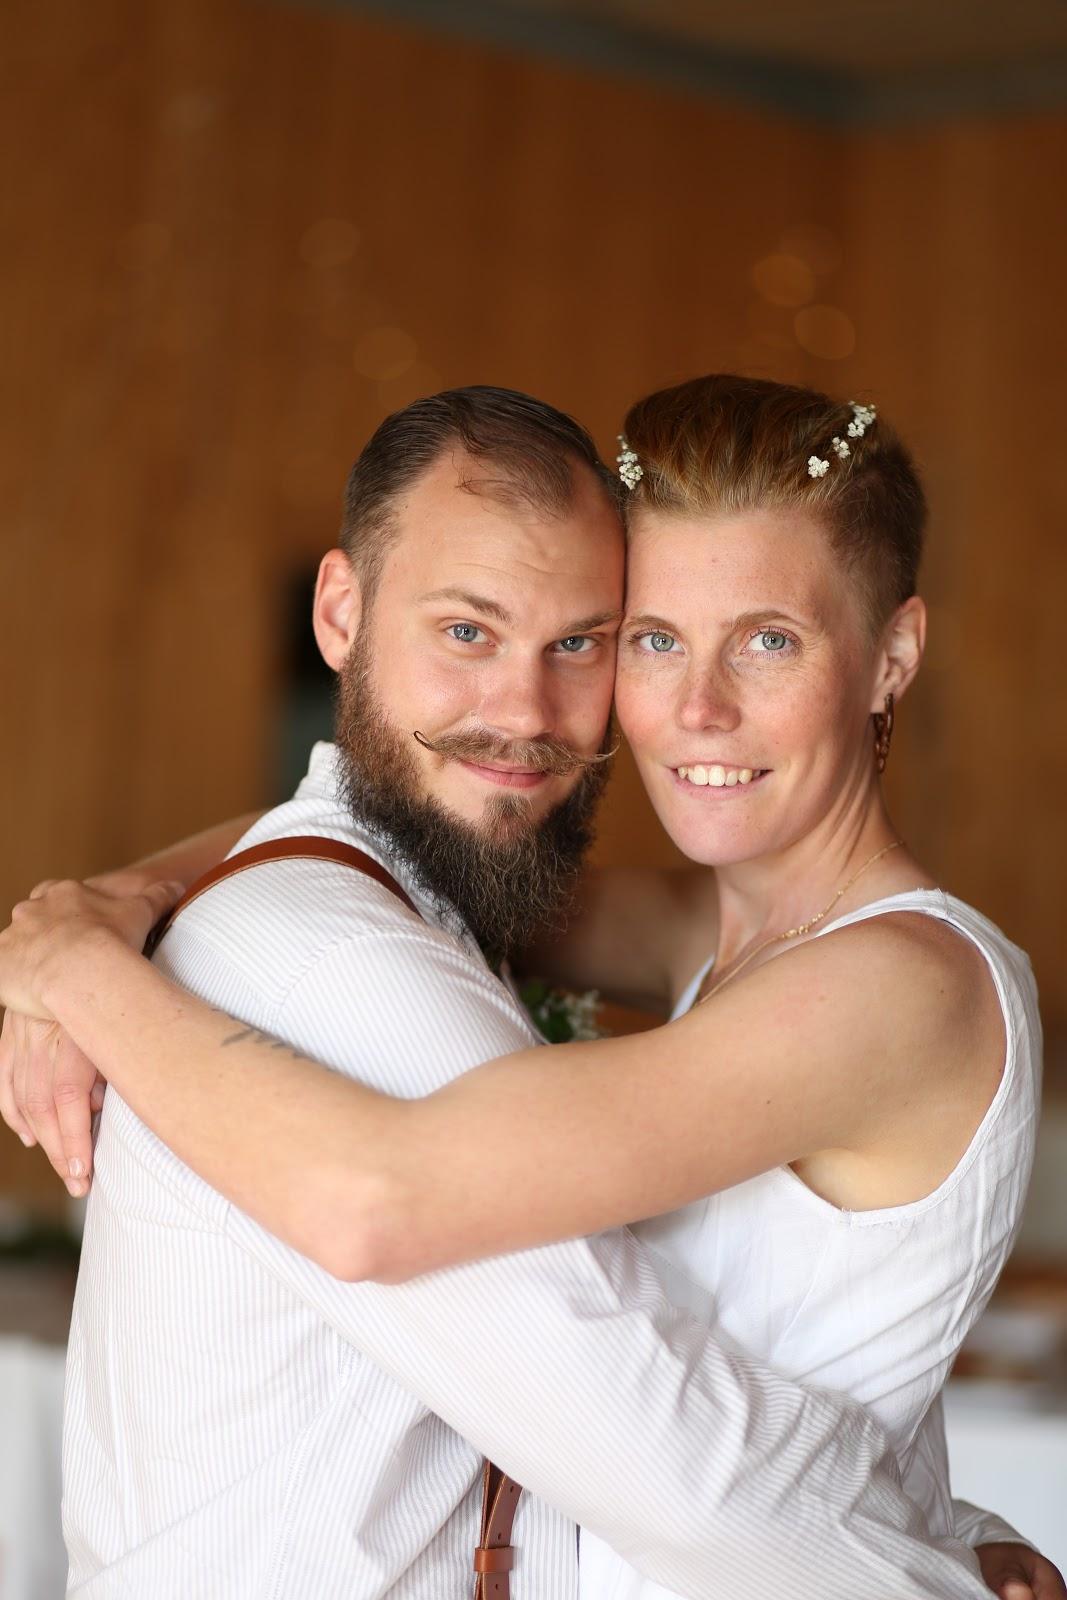 Fotograf Härnösand, bröllopsfotograf, bröllopsfoto Sundsvall Kramfors, Maria-Thérèse Sommar, wedding photographer